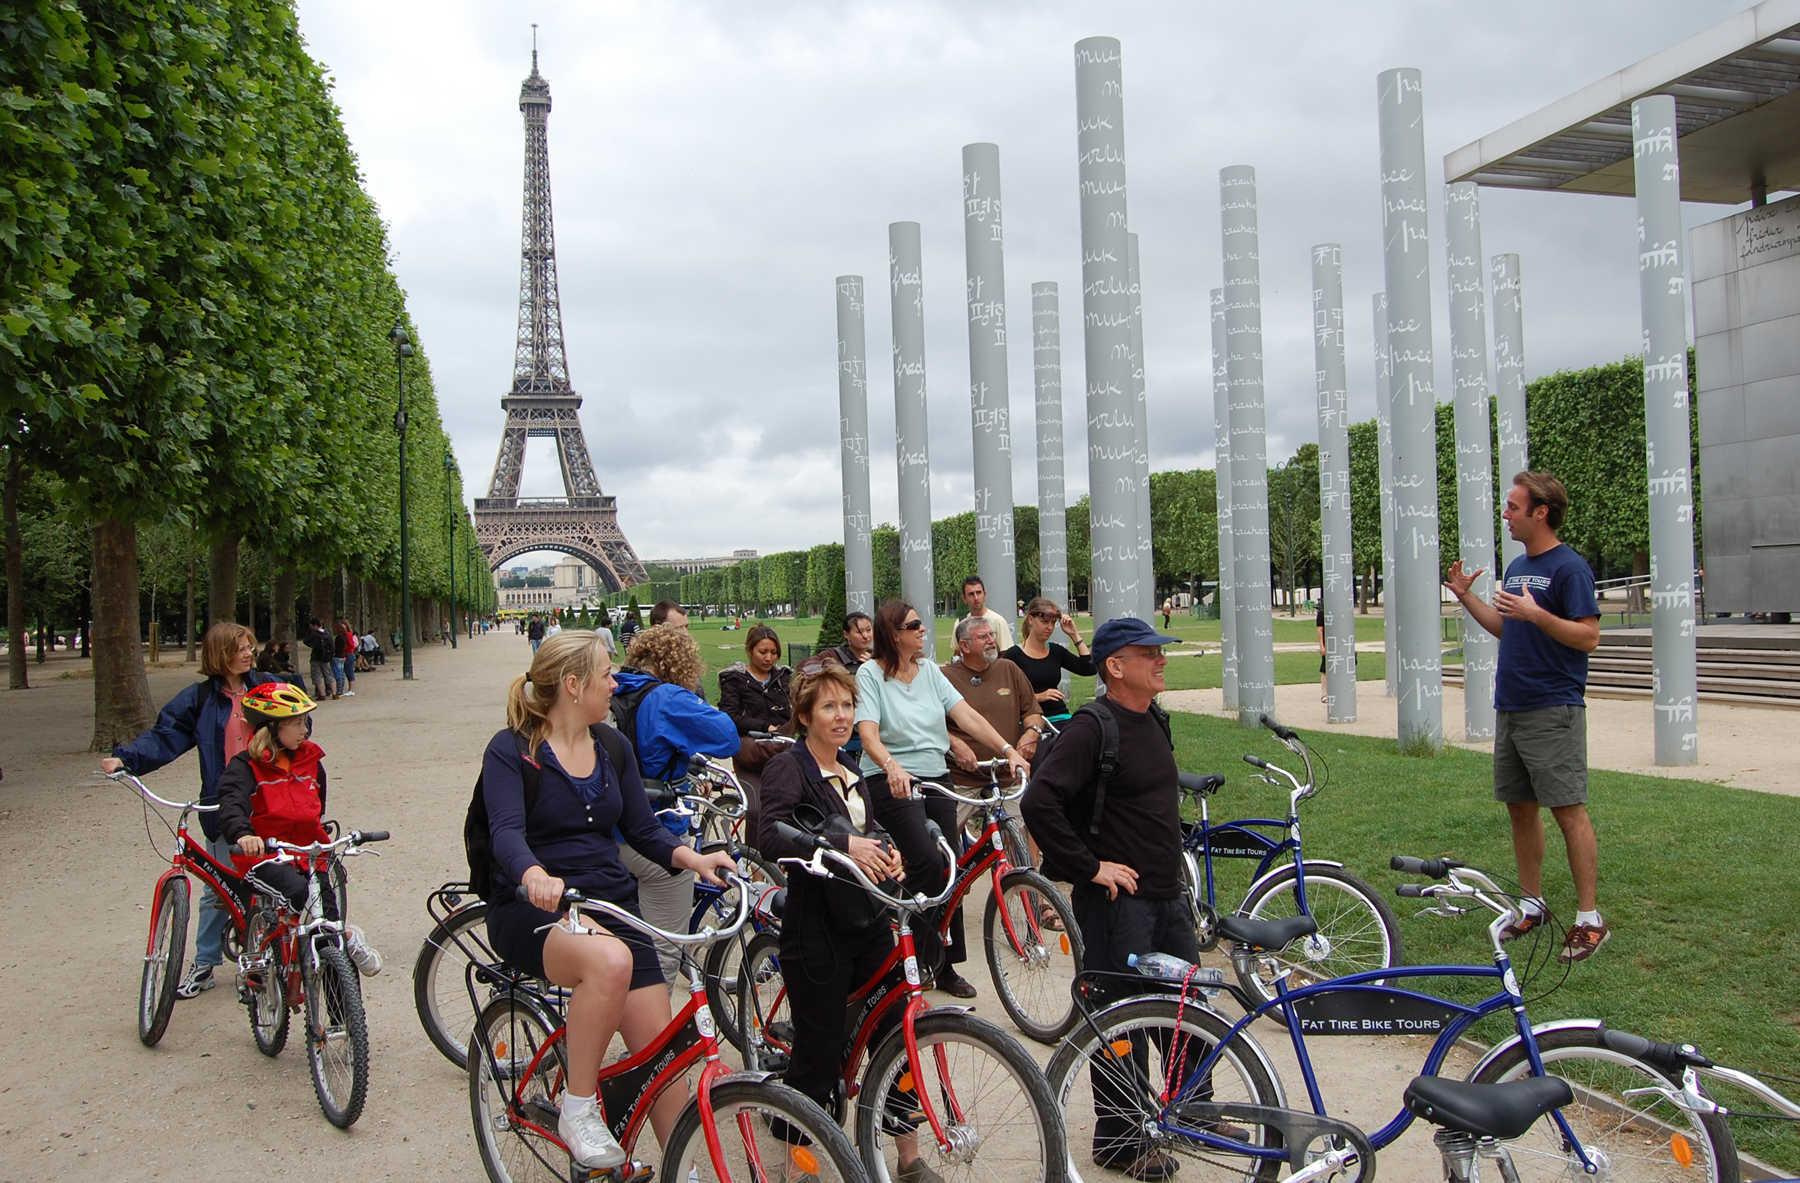 Bike Tour, Champ de Mars, Paris, France